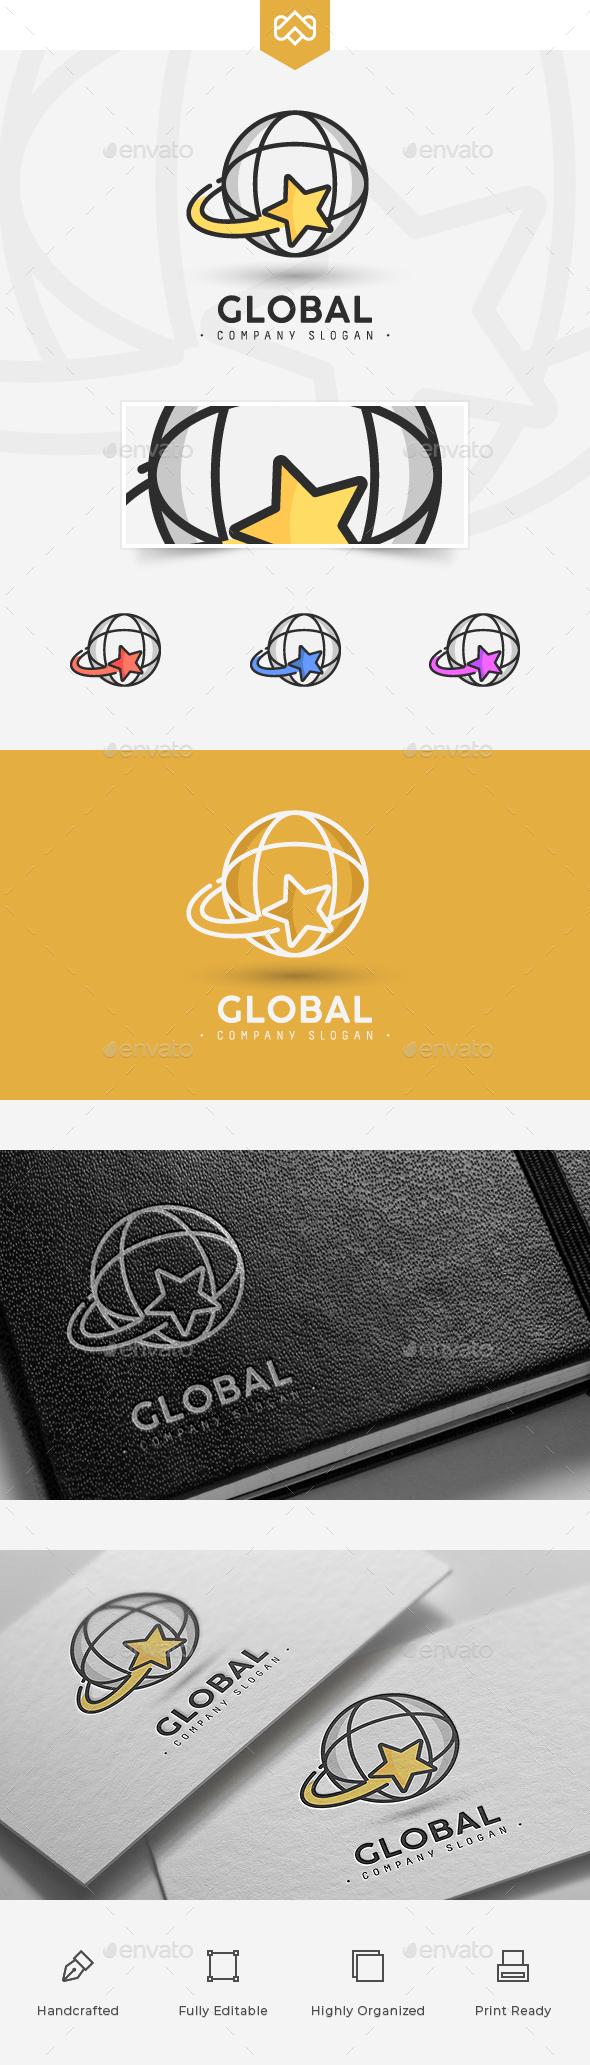 Globe Logo - Vector Abstract